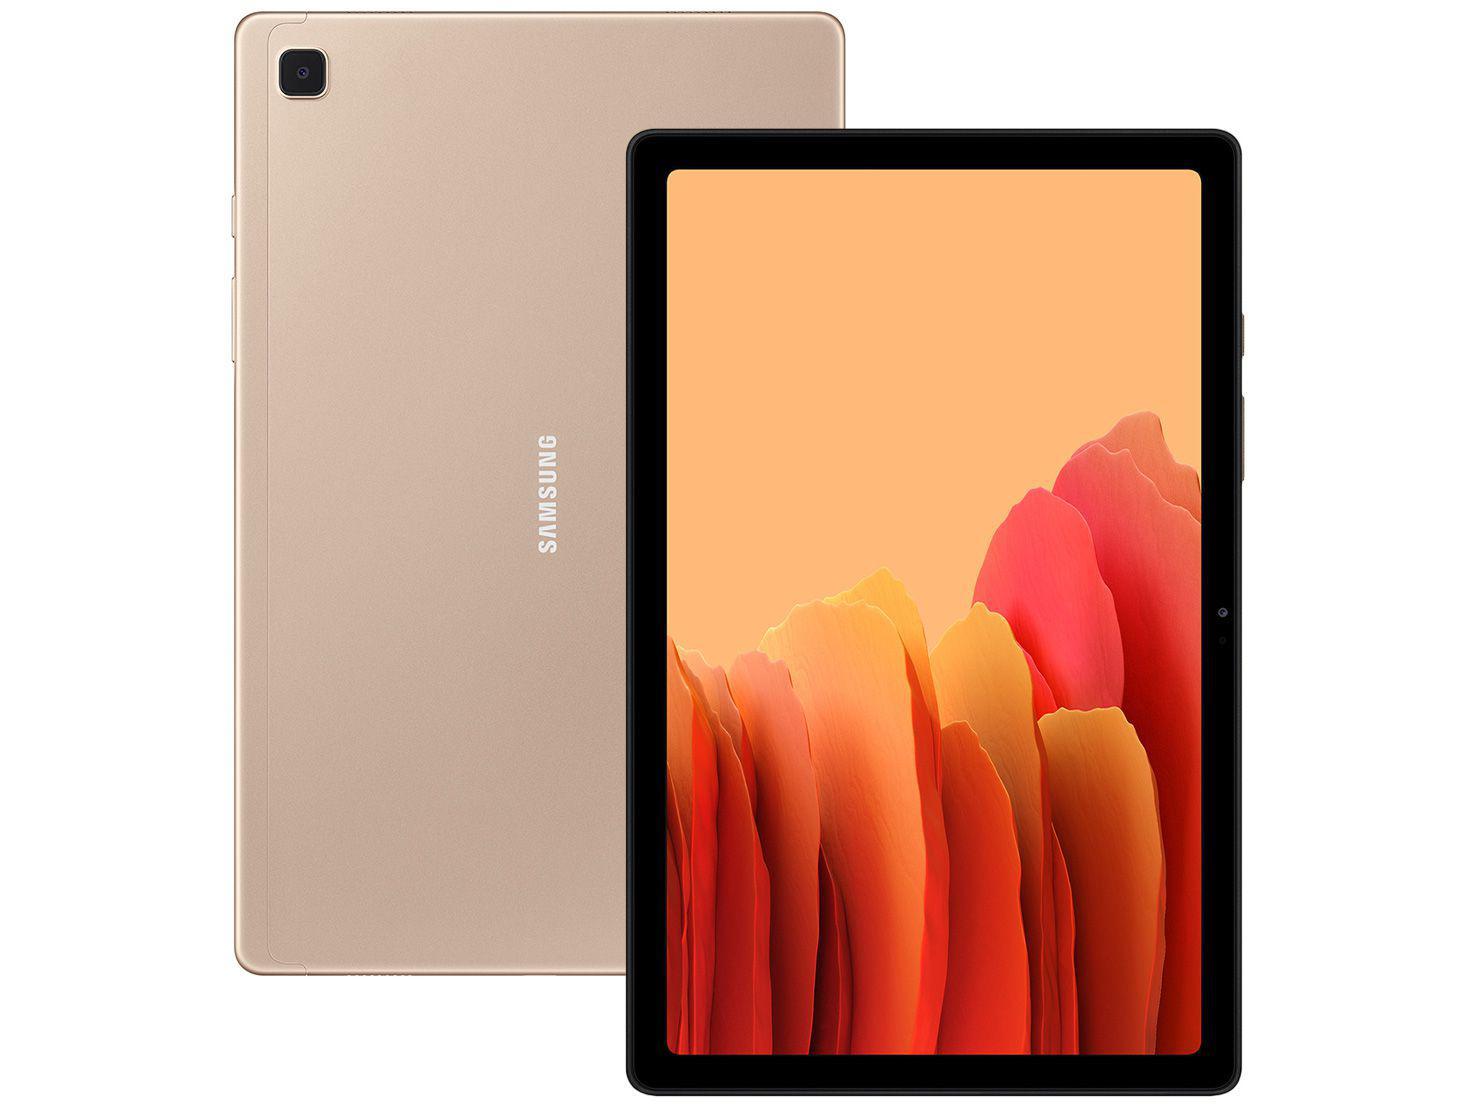 """Tablet Samsung Galaxy Tab A7 10,4"""" 4G Wi-Fi 64GB - Android Octa-Core Câm. 8MP + Selfie 5MP"""